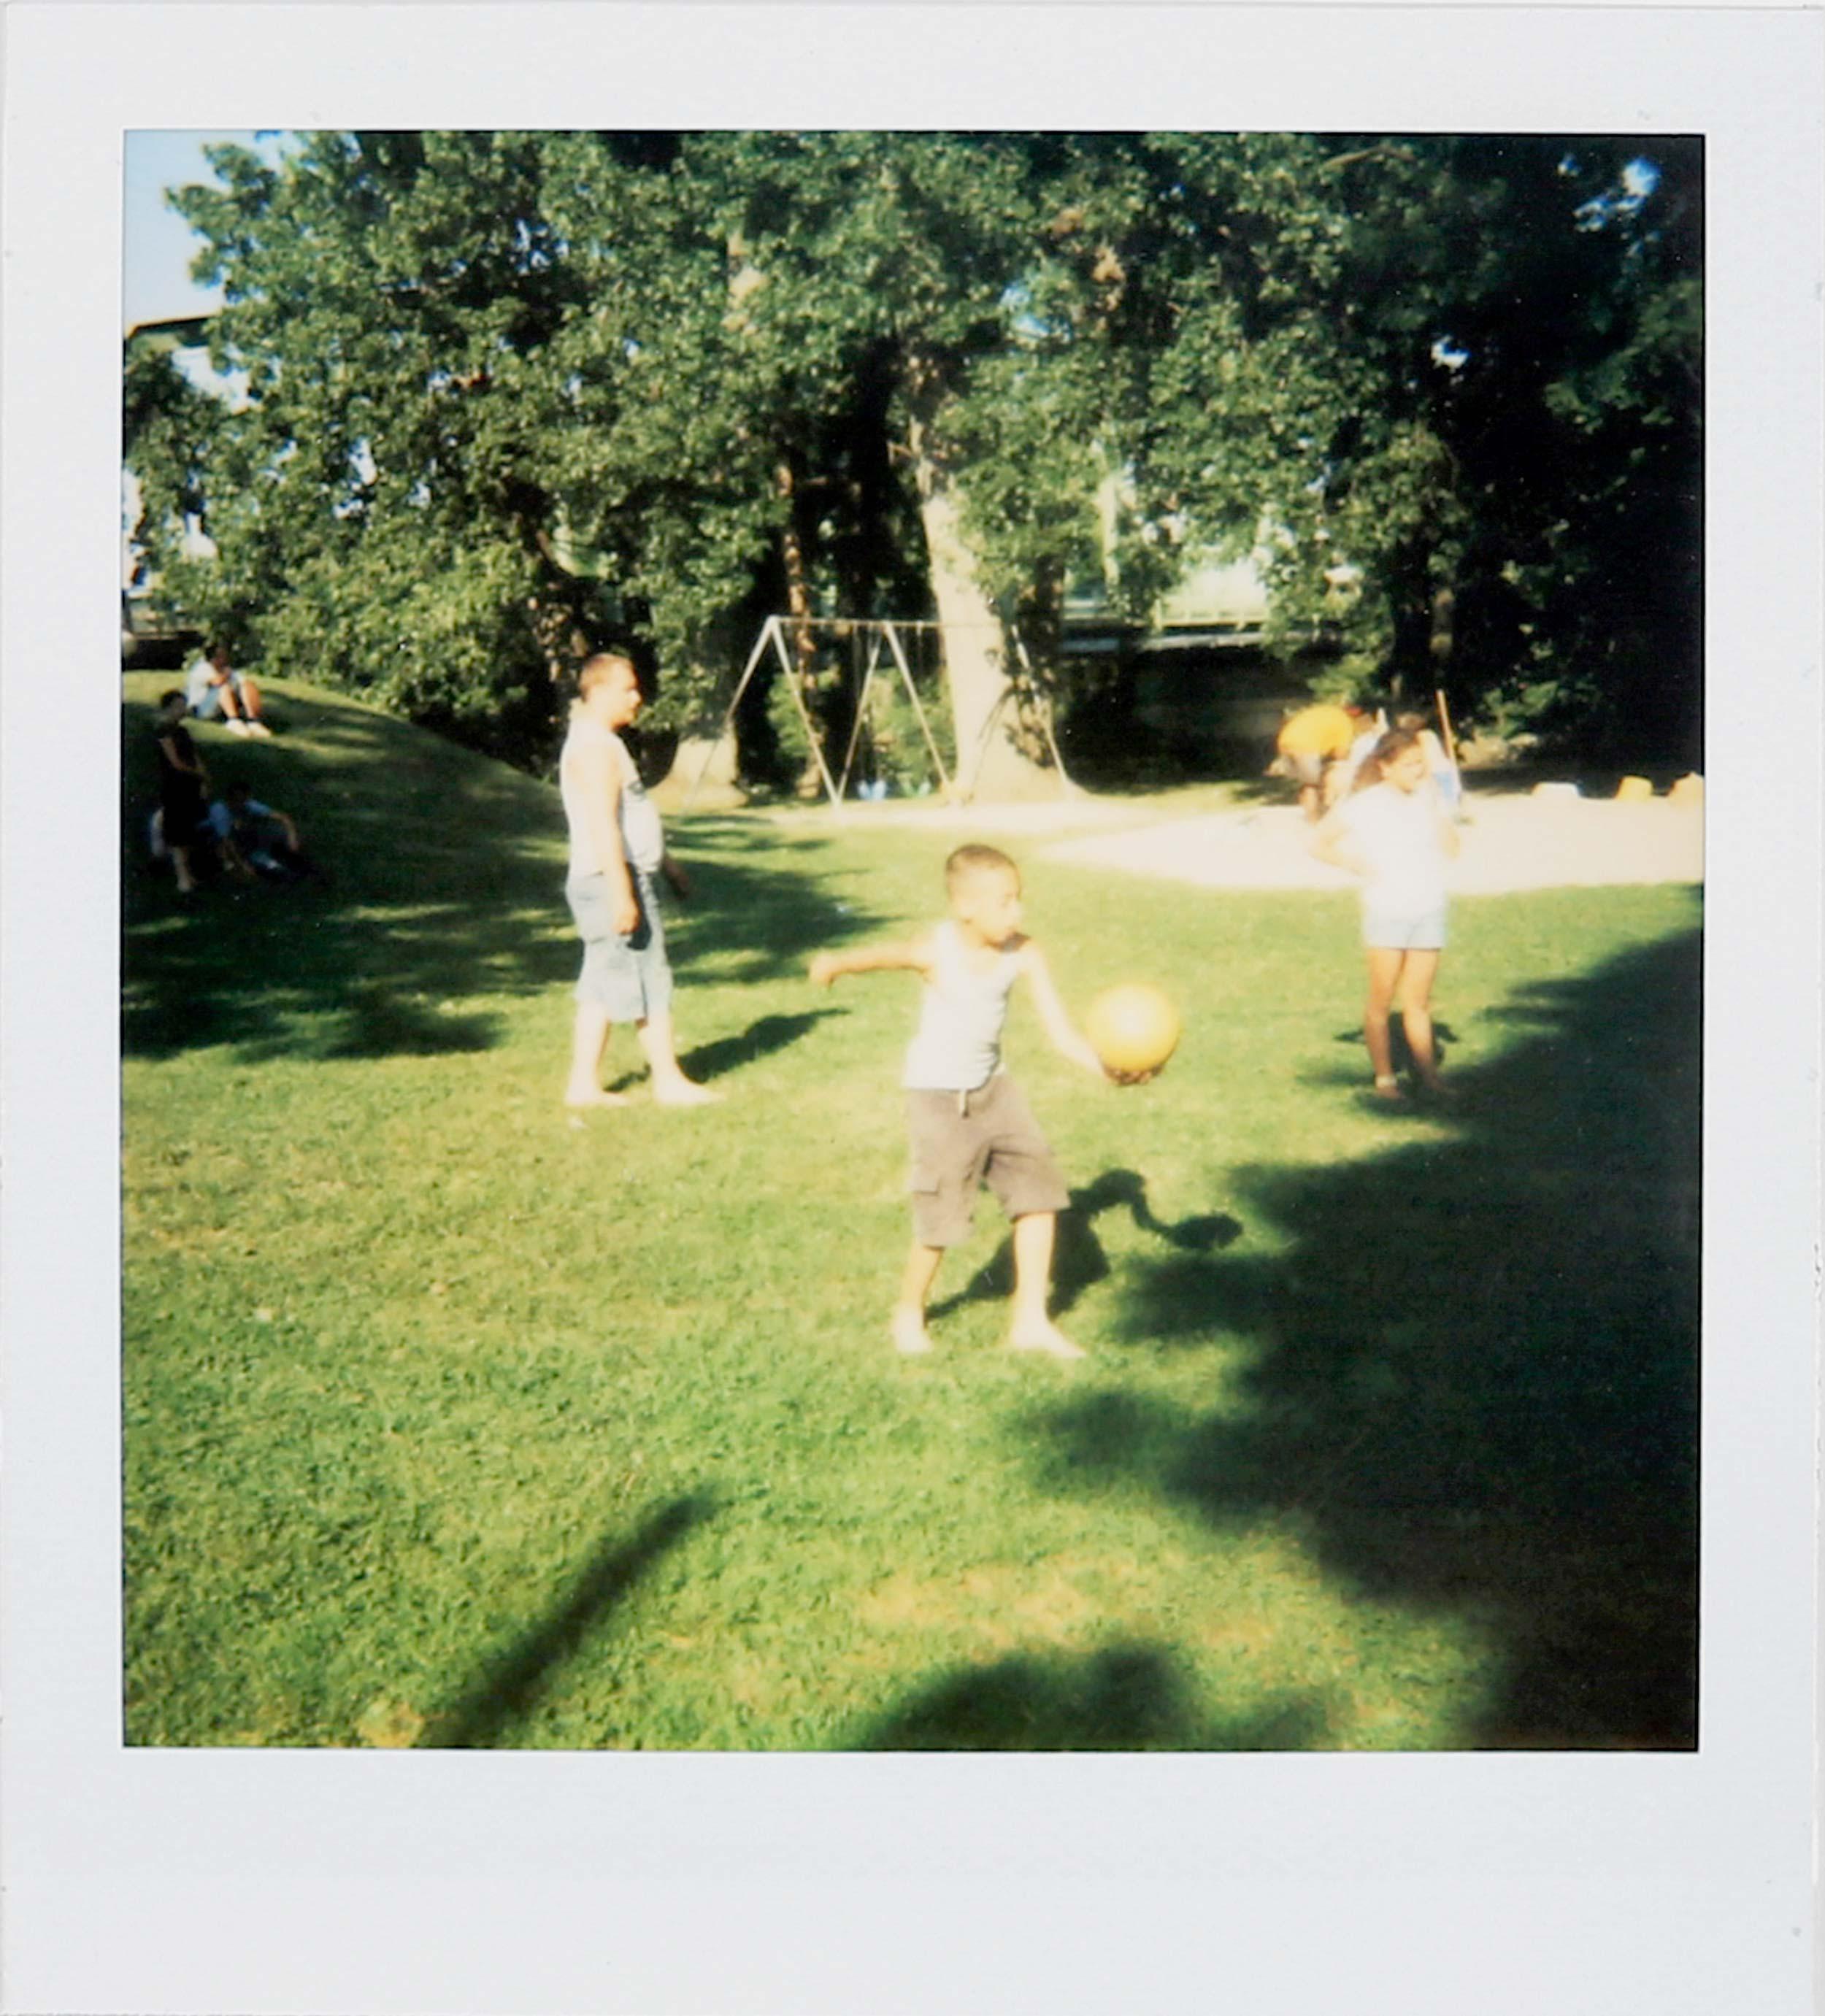 ball-1T4A7557.jpg